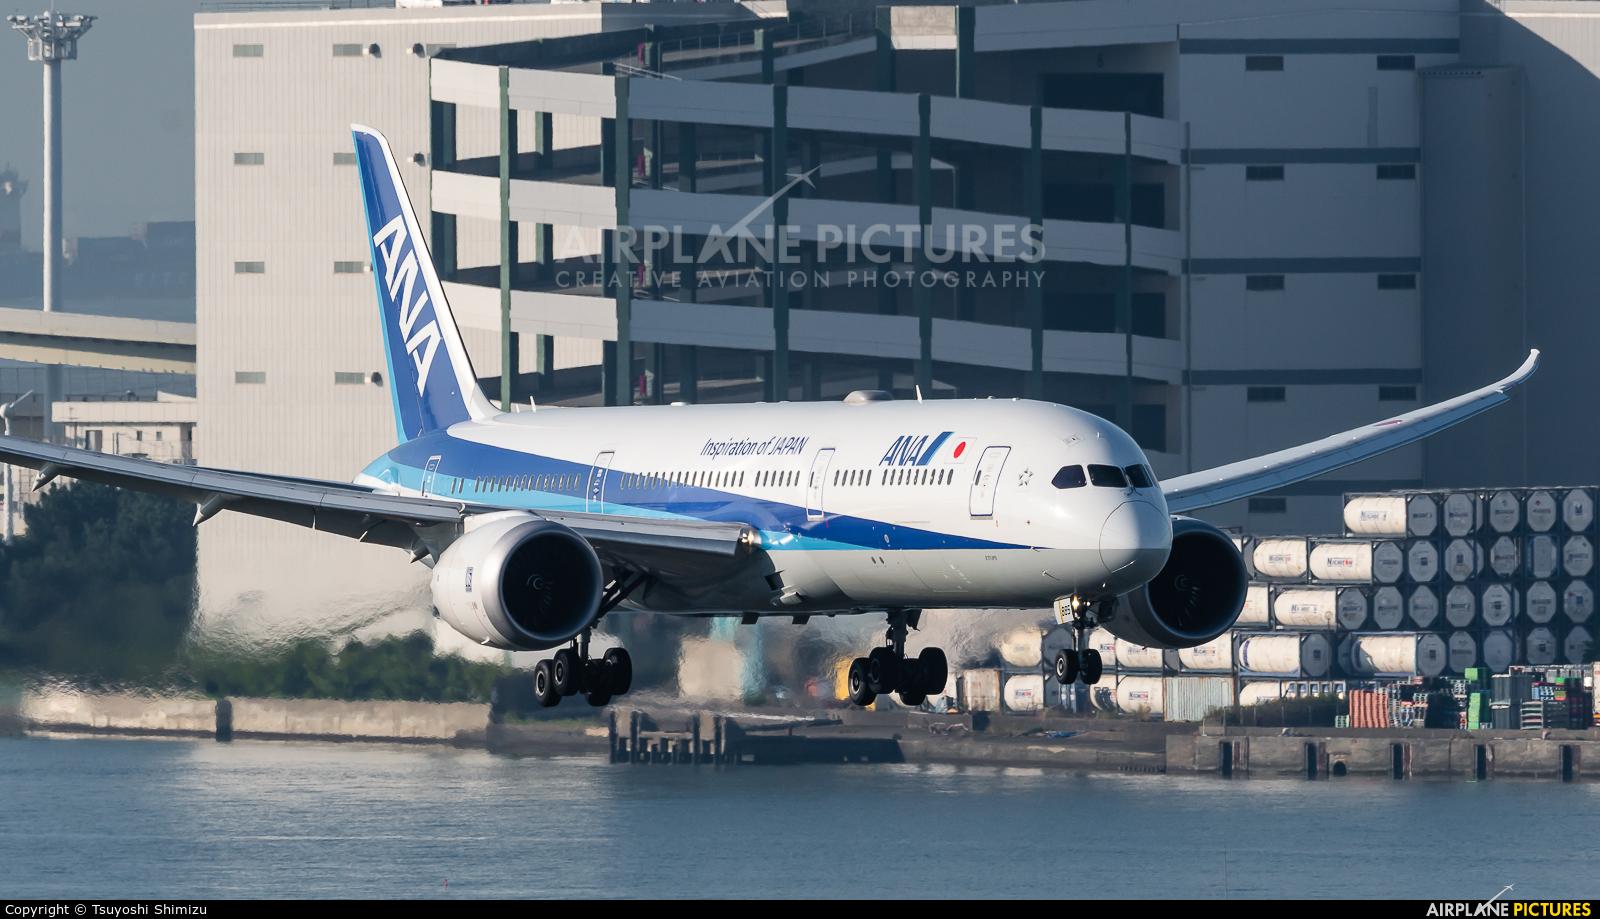 ANA - All Nippon Airways JA885A aircraft at Tokyo - Haneda Intl